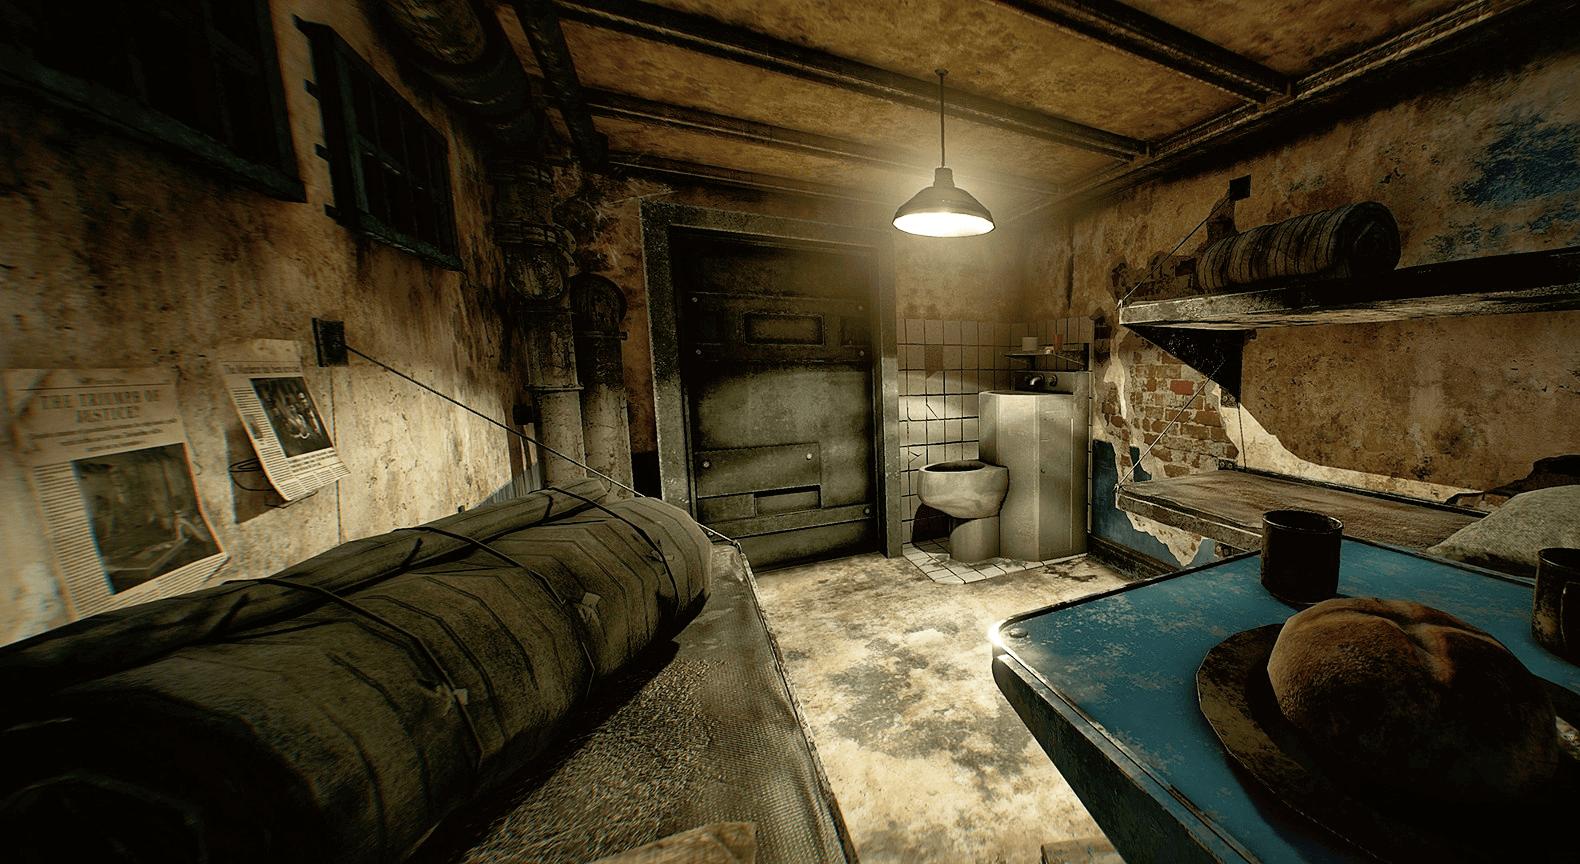 Виртуальная Квест-комната «Побег из тюрьмы»